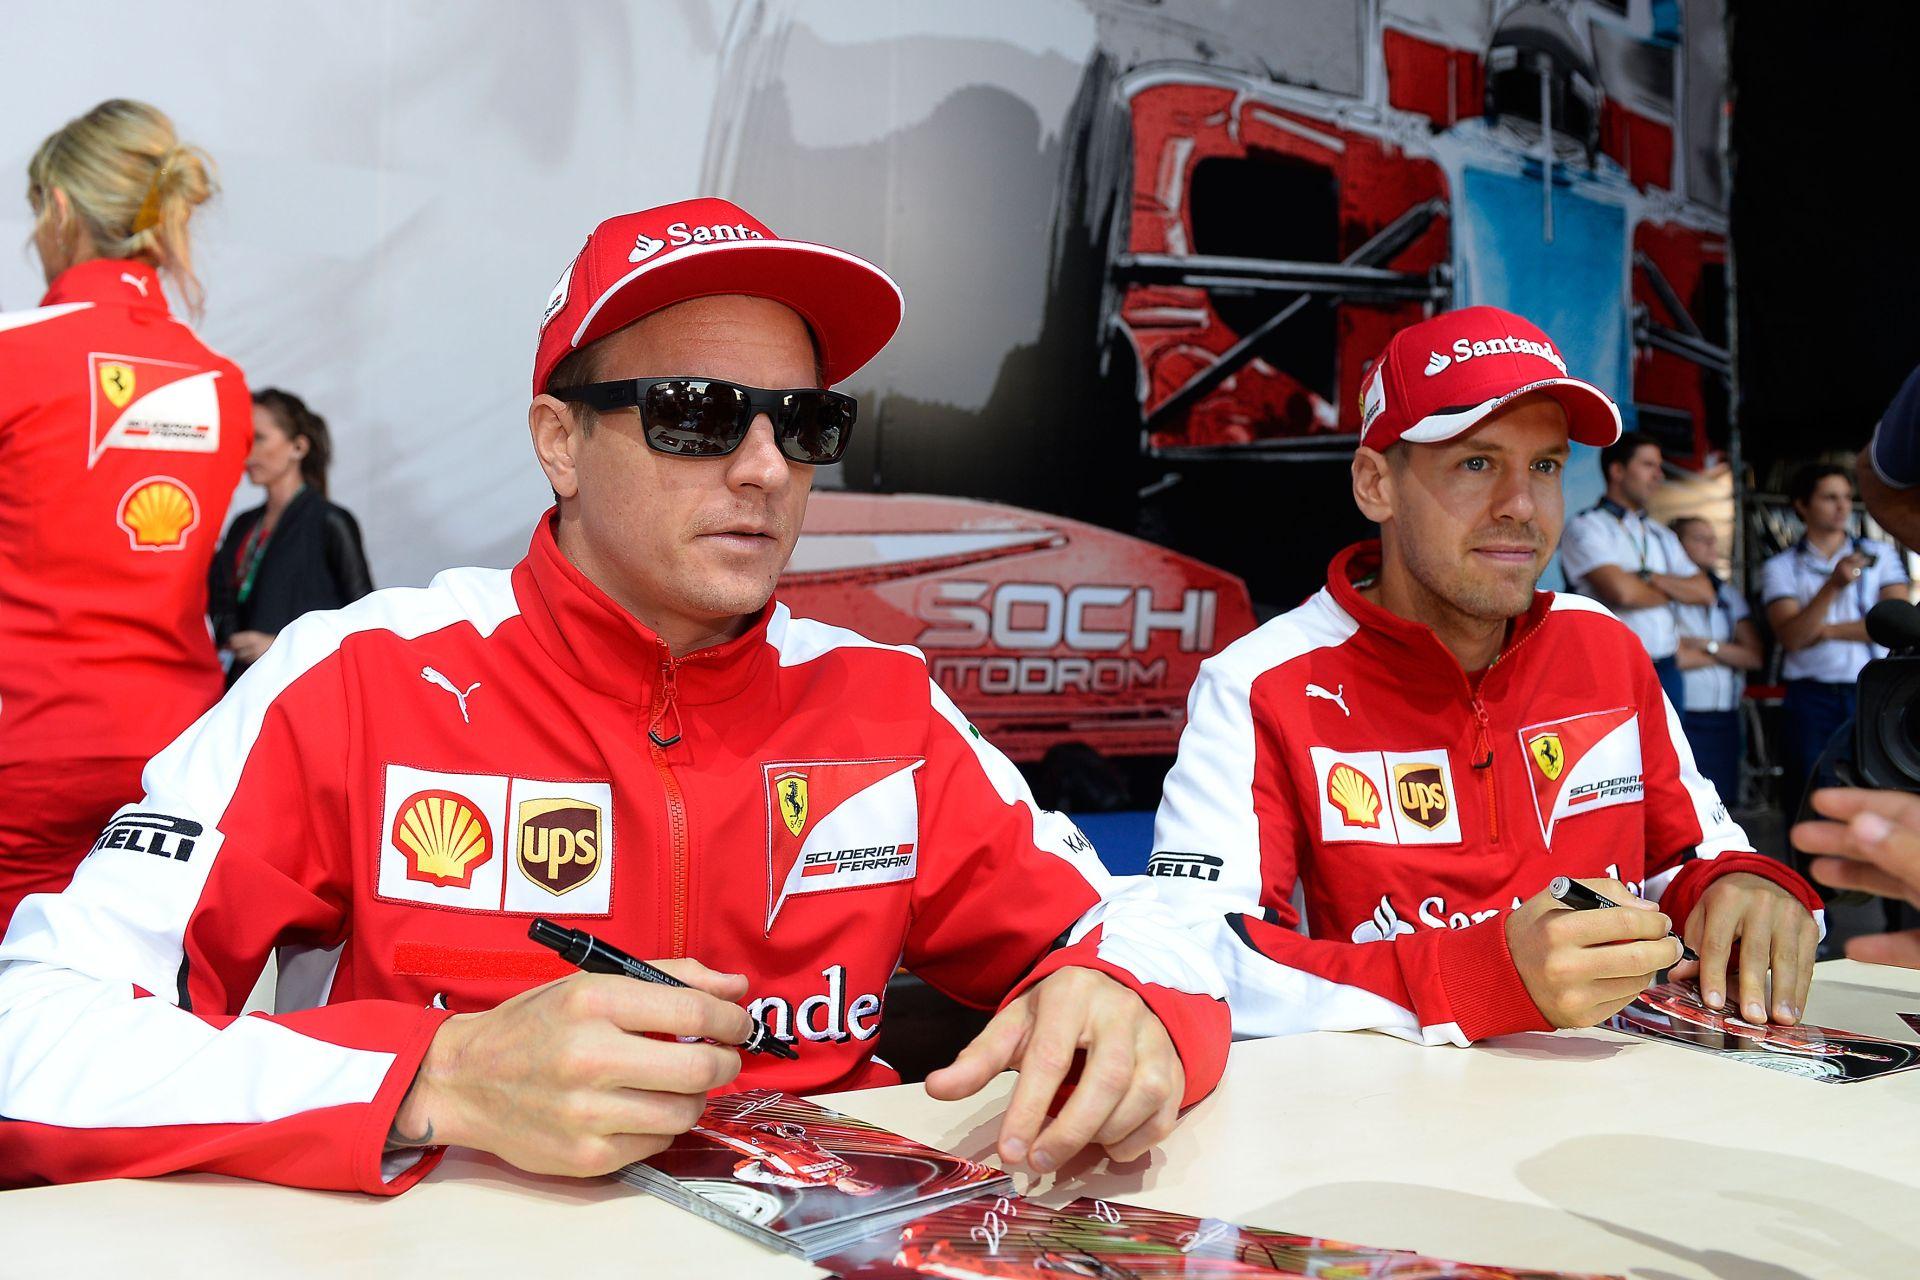 50 millió dollárt kaszált Vettel az első ferraris évében az F1-ben: Raikkönen alapbére csak 7 millió